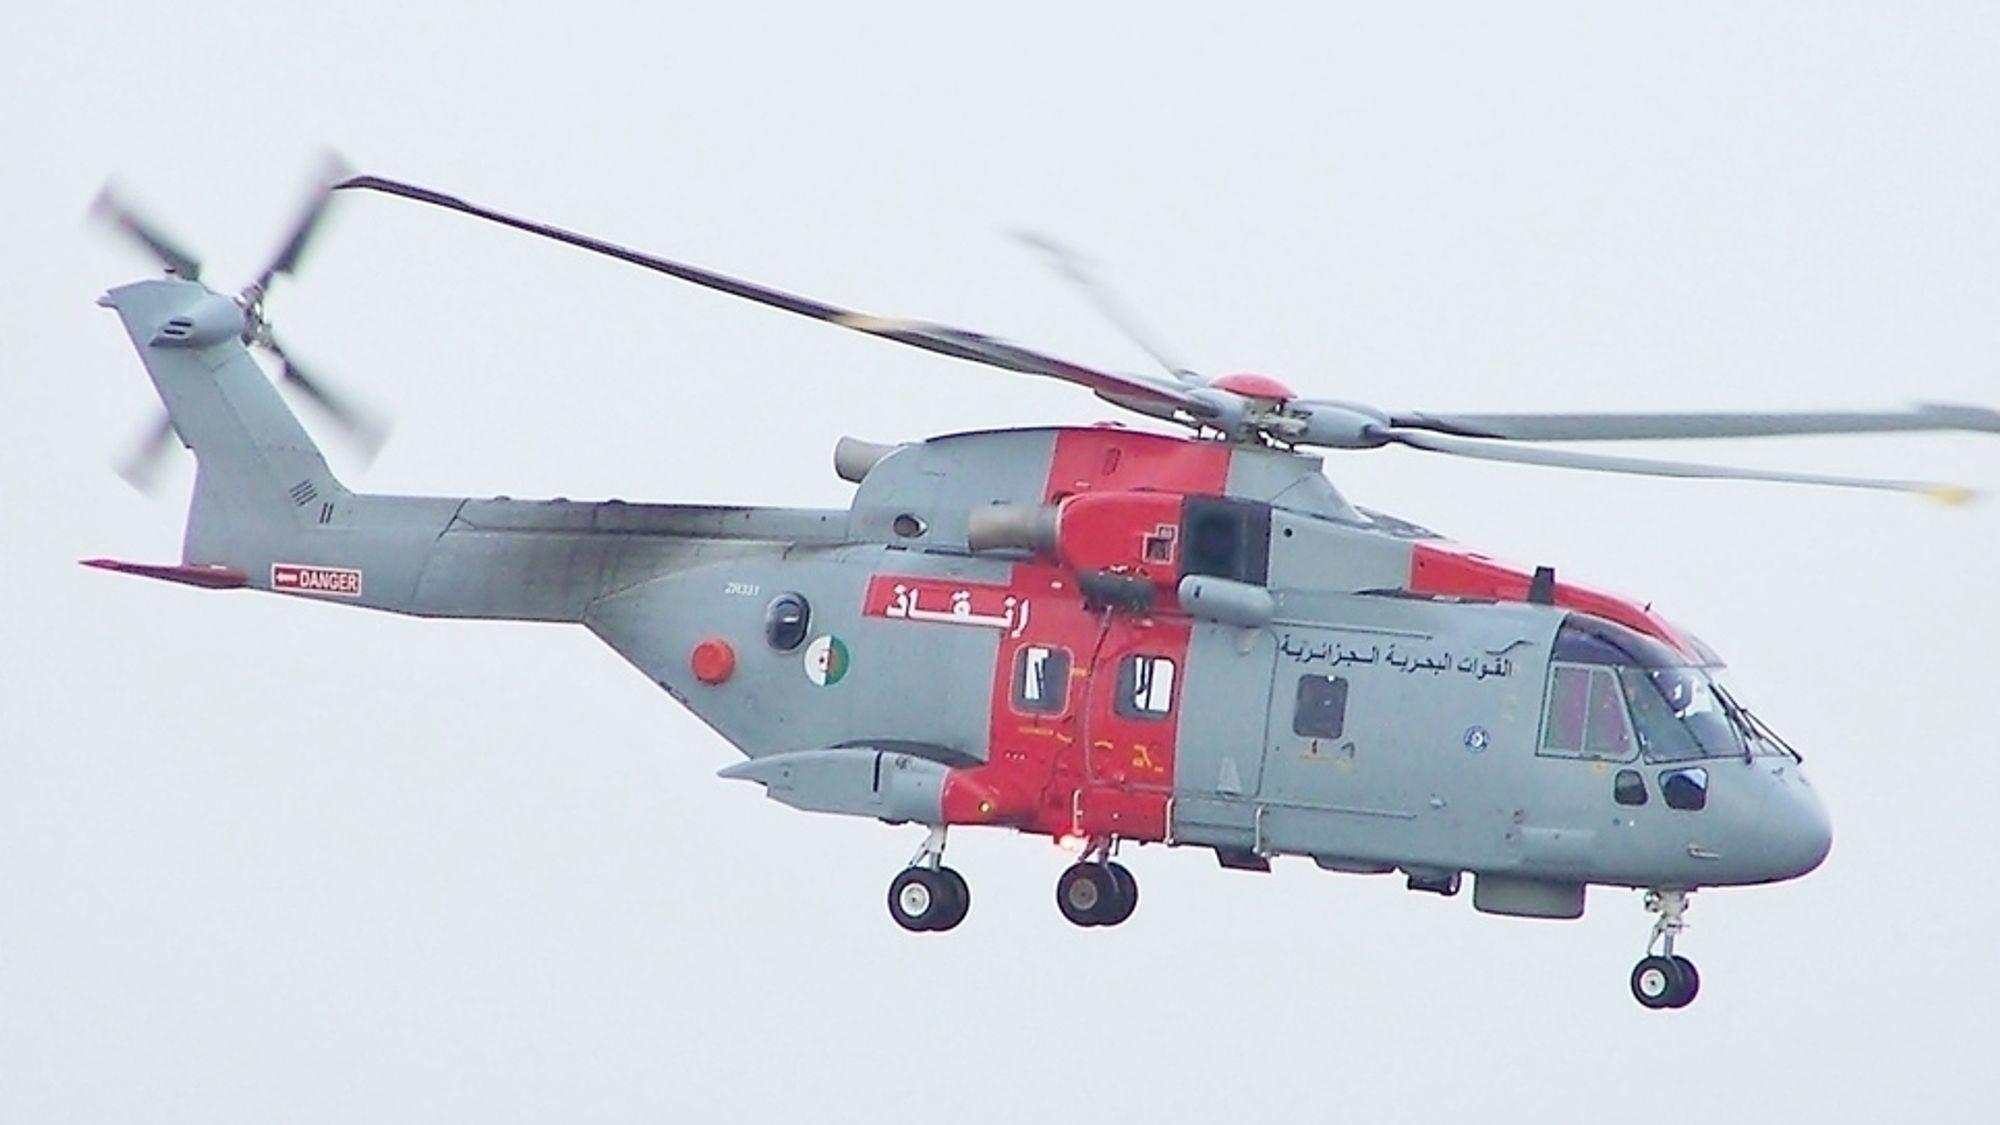 AW101-610 redningshelikopter tilhørende det algeriske sjøforsvaret.